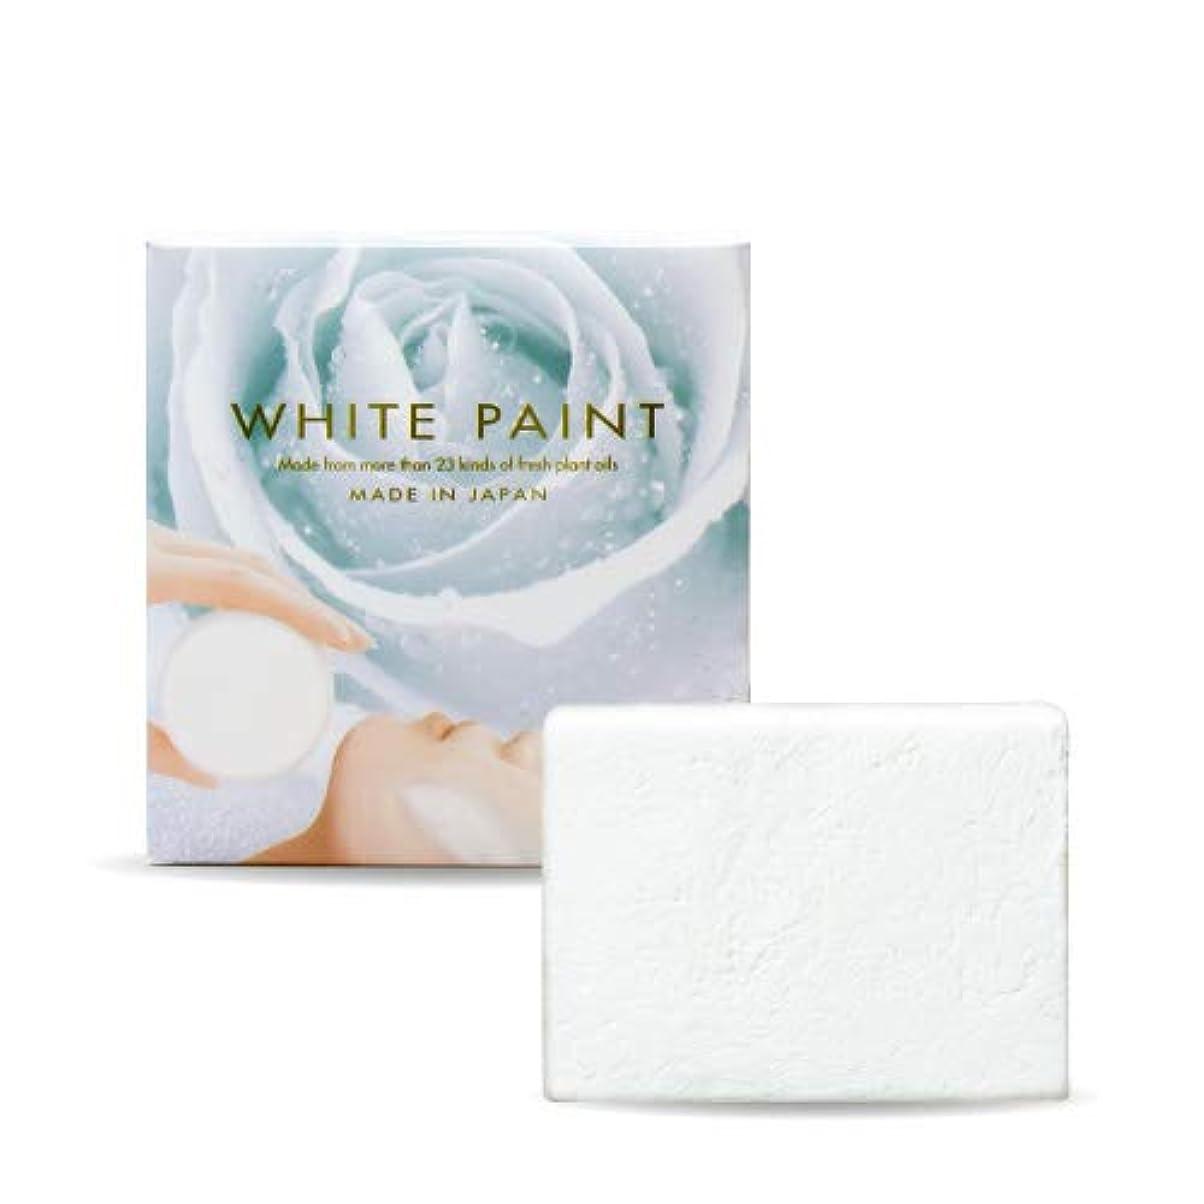 ミュージカルストライクシードホワイトペイント 60g ハーフサイズ 塗る洗顔 石鹸 無添加 国産